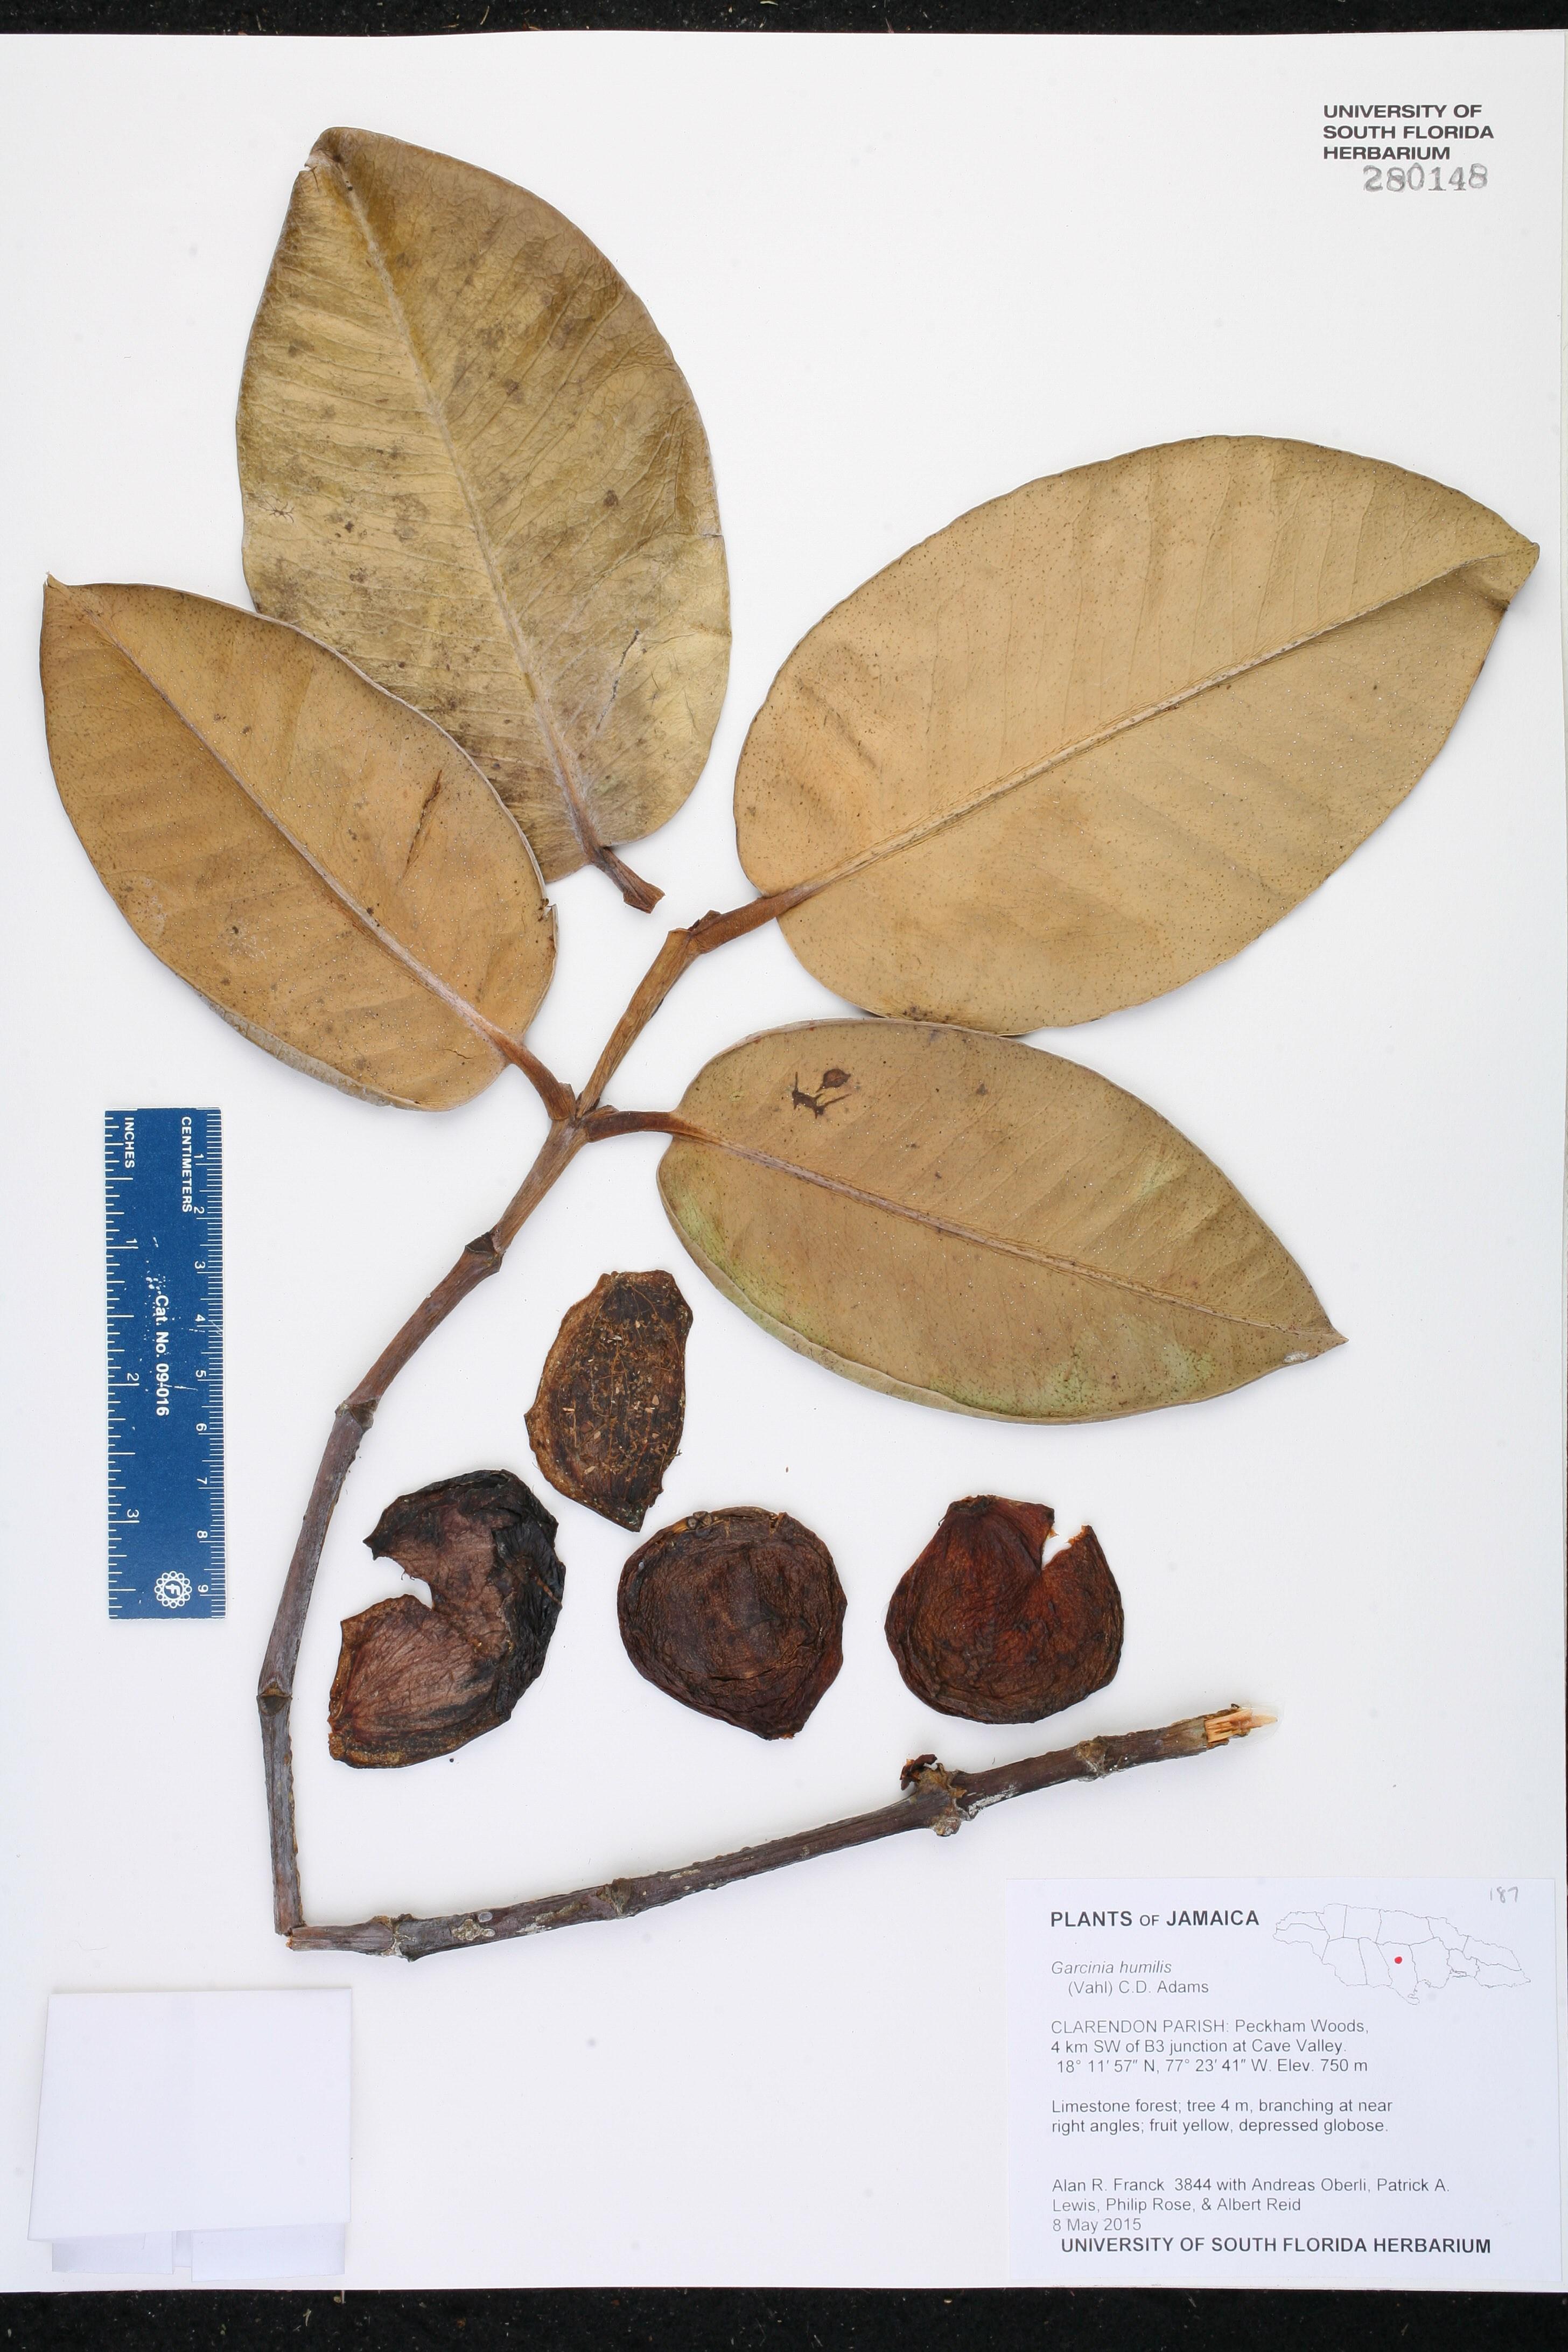 Garcinia humilis image